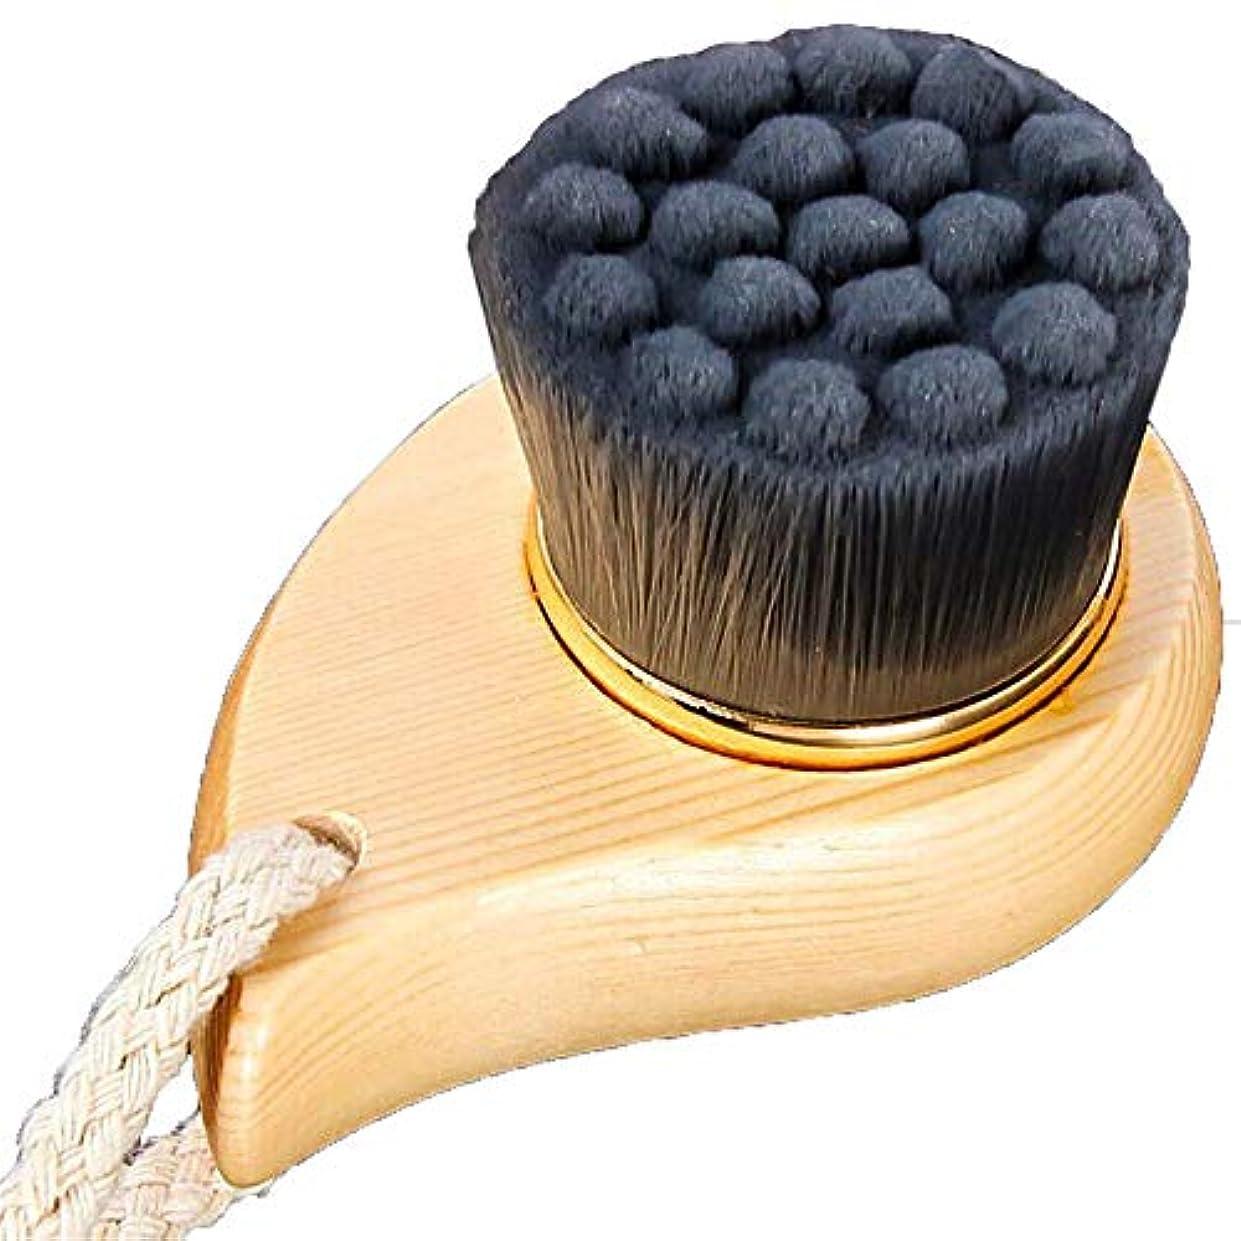 骨折走る文庫本洗顔ブラシ 深い毛穴のための柔らかい剛毛の表面クリーニングの美のブラシの清潔になることの美顔術のブラシ ディープクレンジングスキンケア用